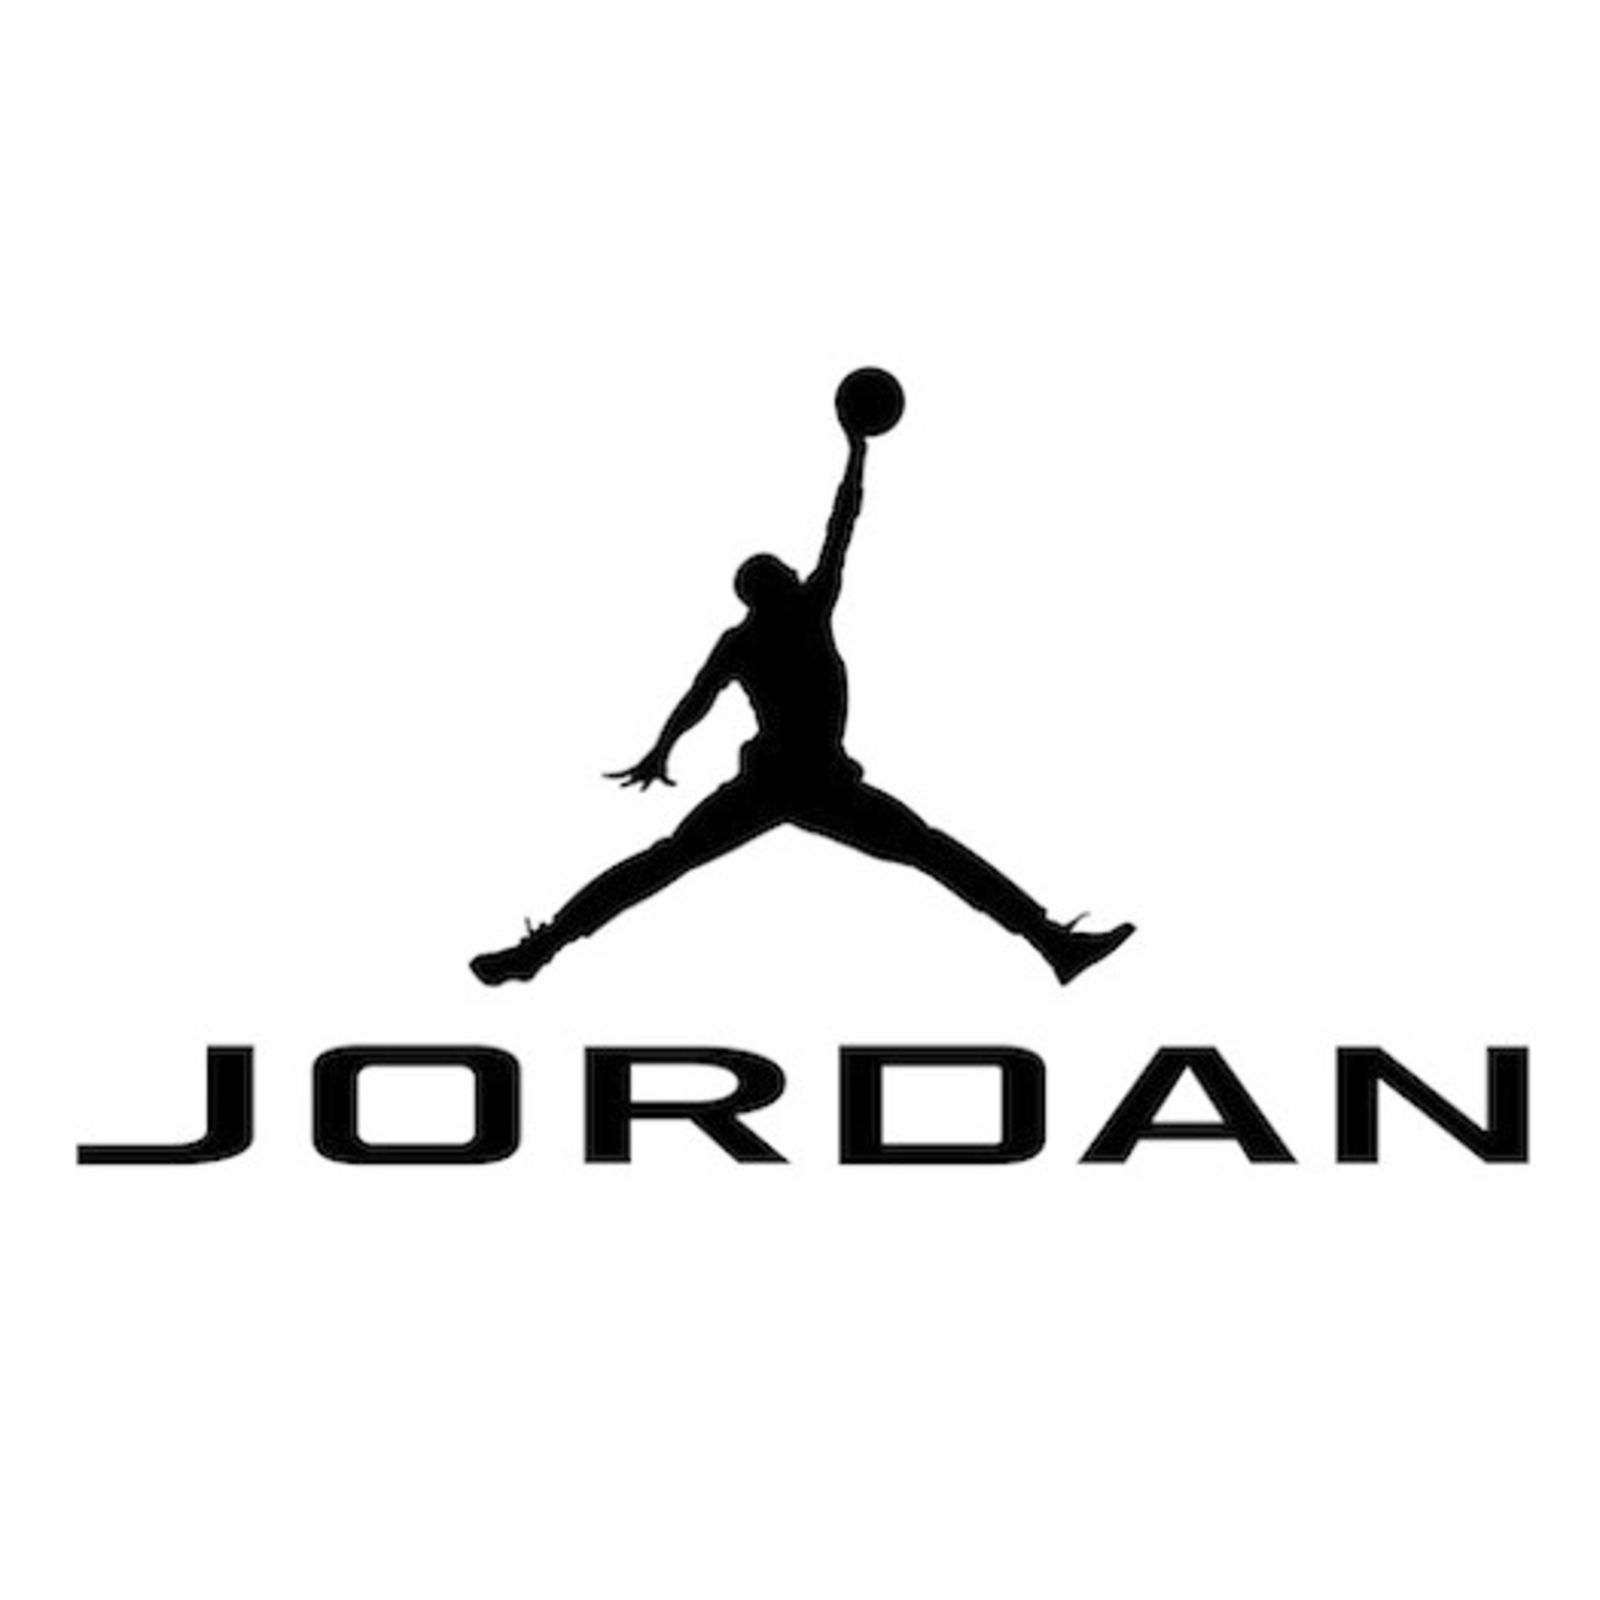 JORDAN (Bild 1)